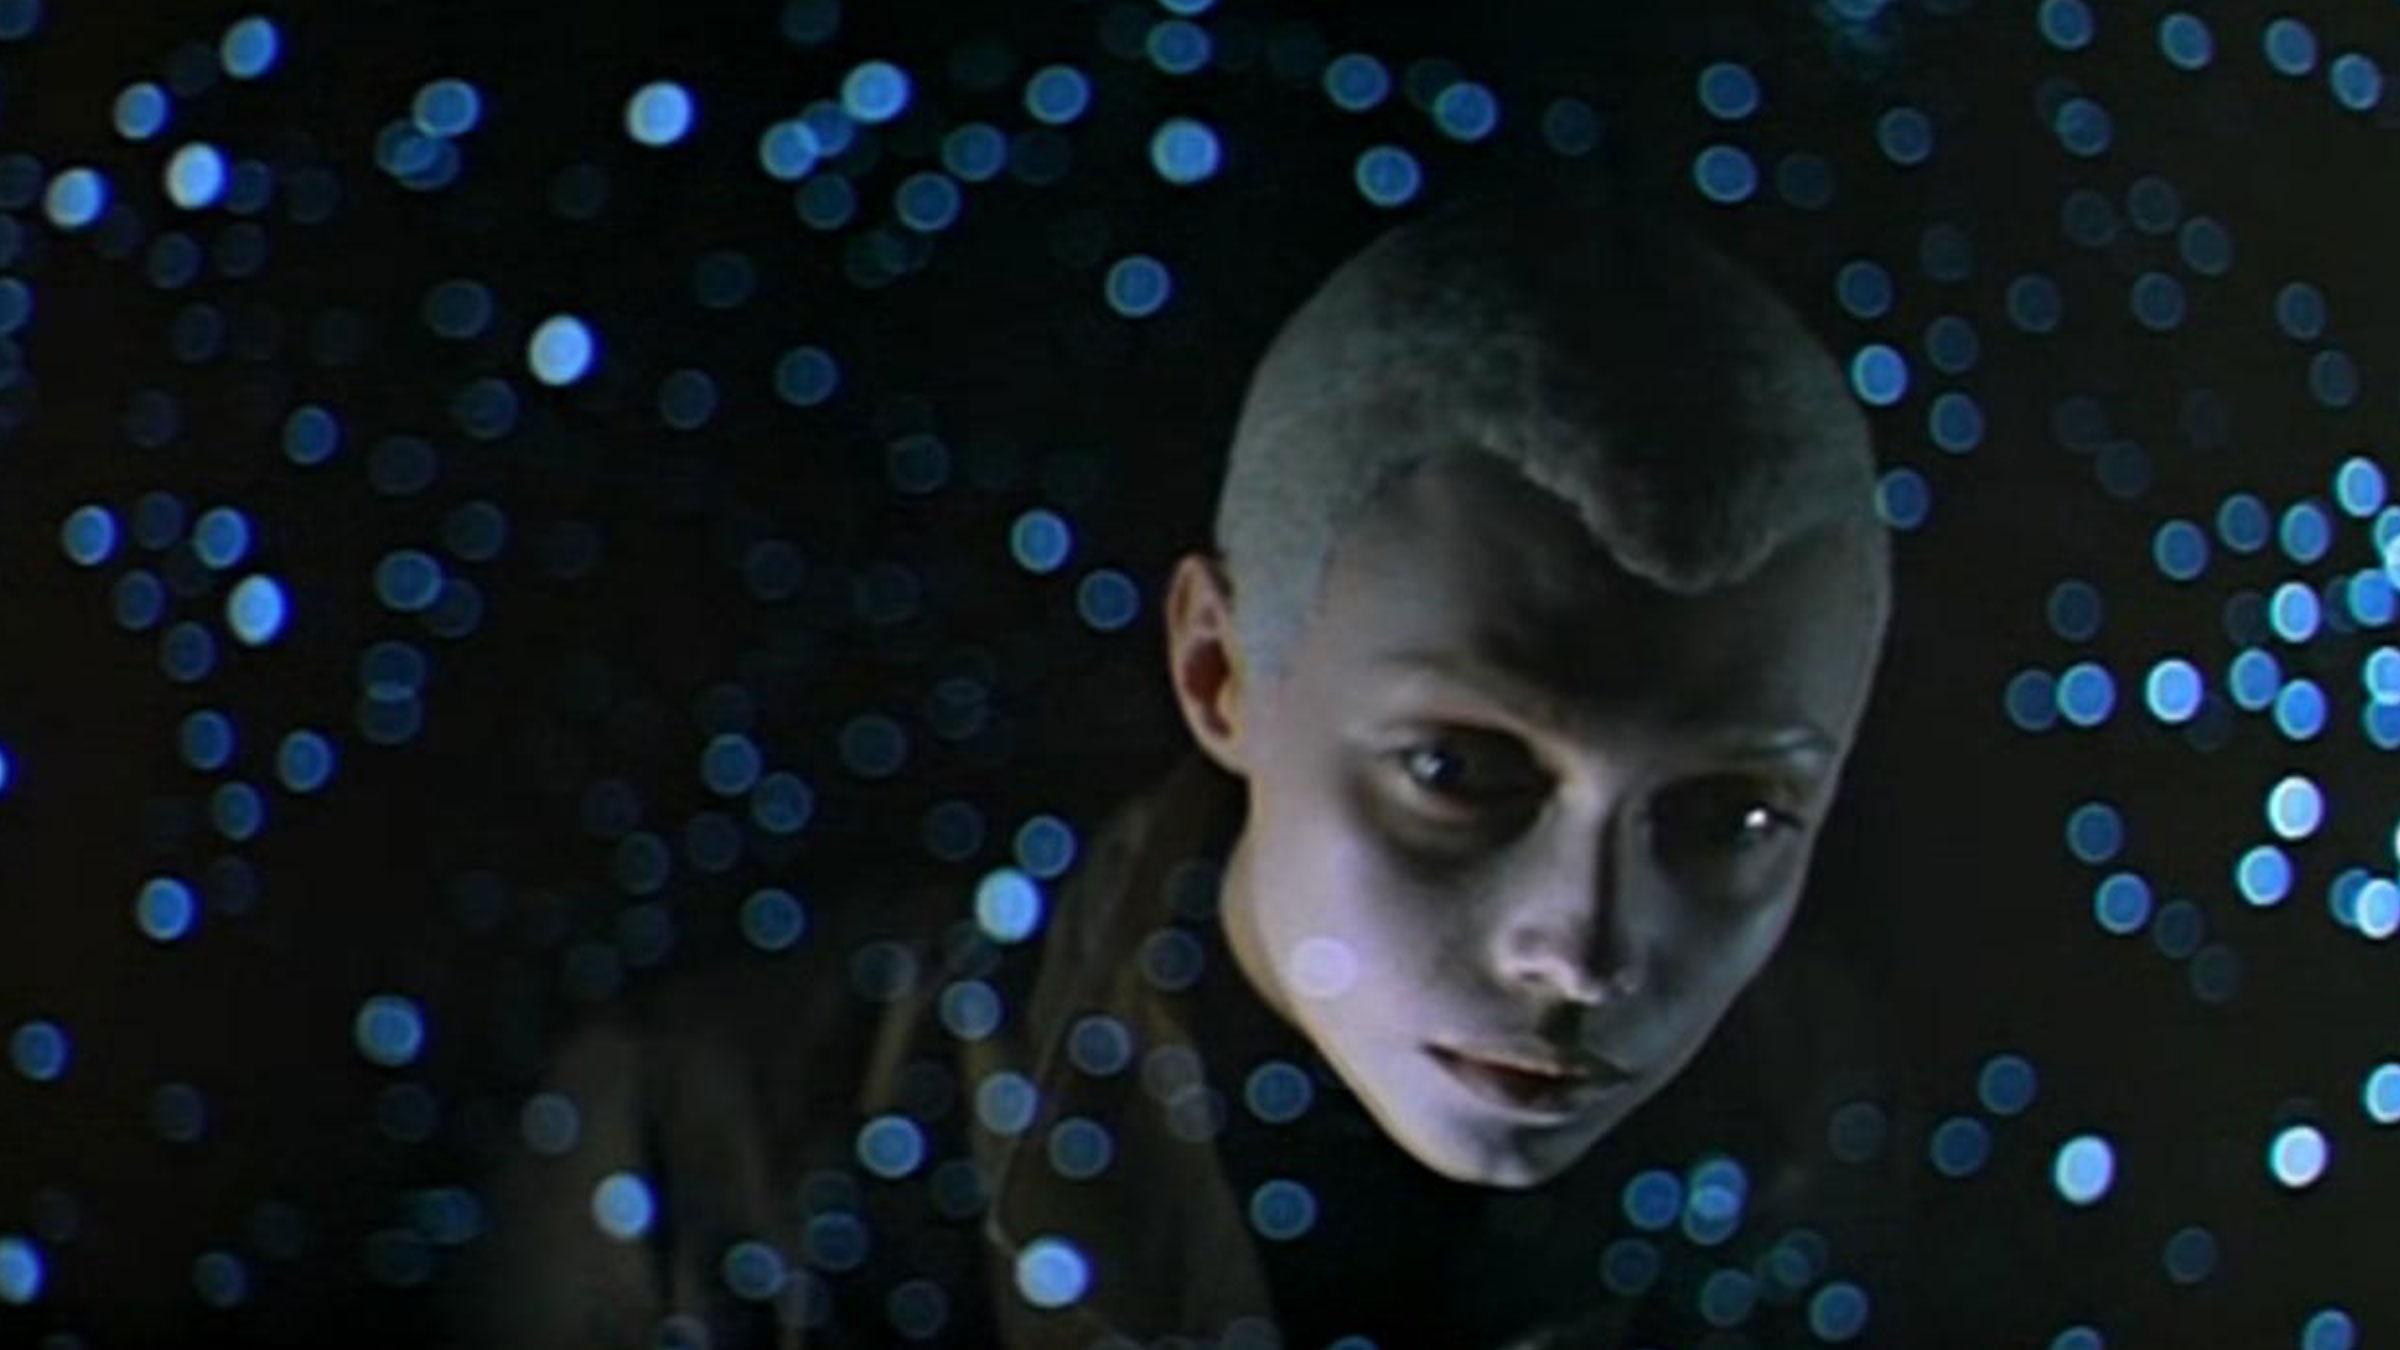 Çarlardan Yıldızlara <br/>Fantastik Rus Sineması